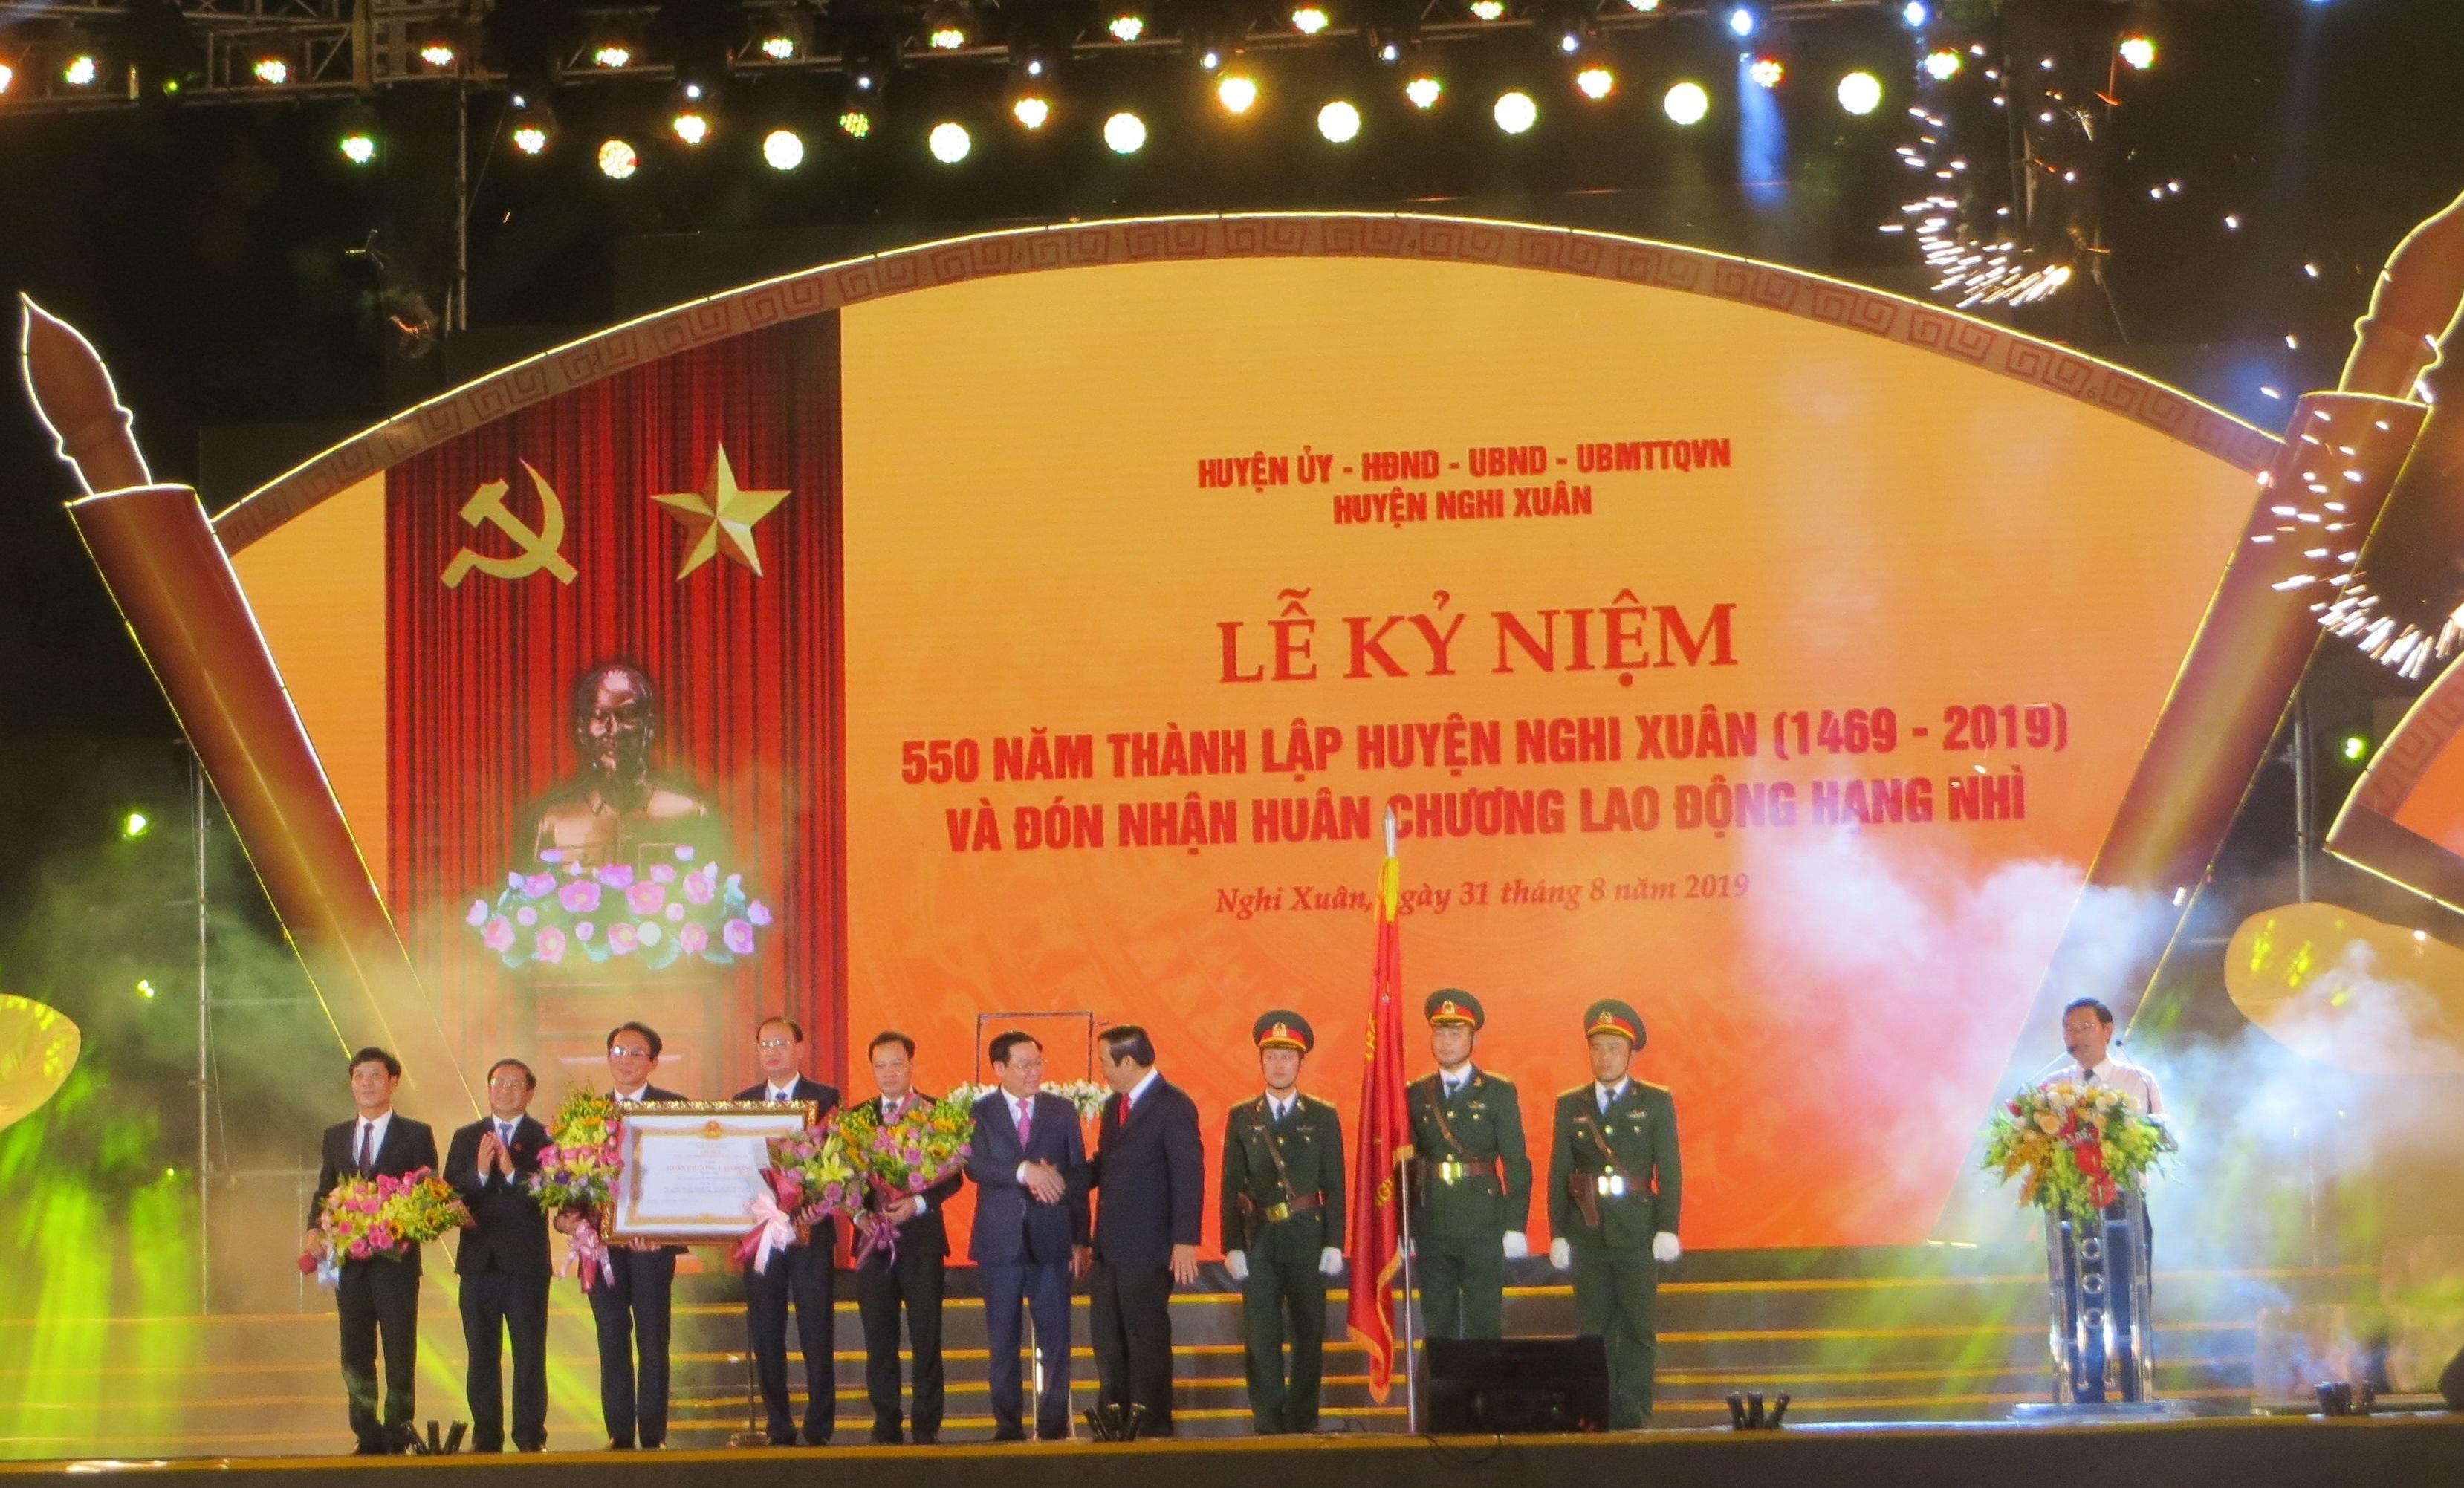 Huyện Nghi Xuân kỉ niệm 550 năm thành lập và đón nhận Huân chương Lao động hạng Nhì